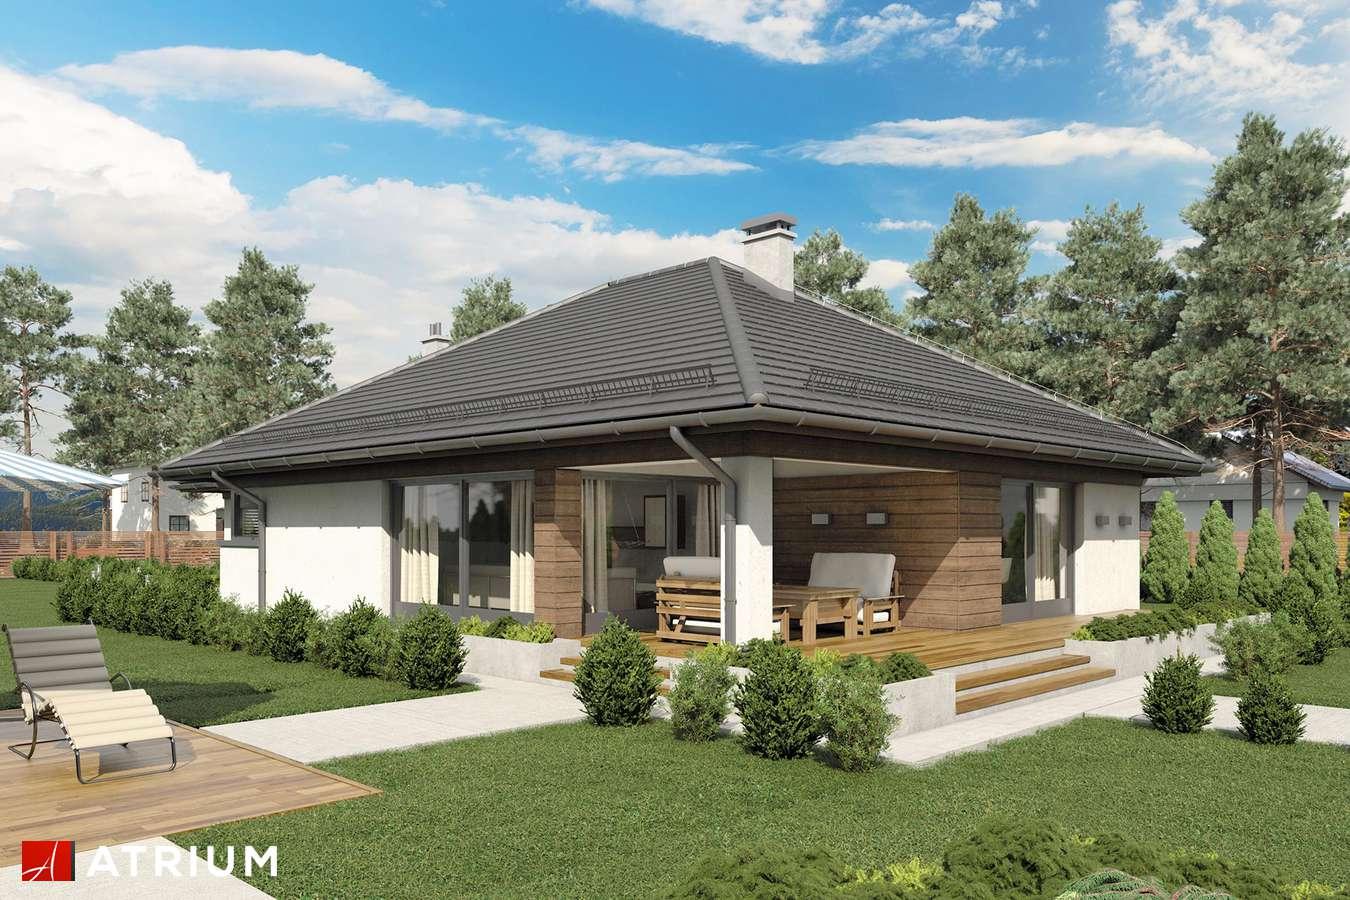 Projekty domów - Projekt domu parterowego MORGAN II - wizualizacja 2 - wersja lustrzana